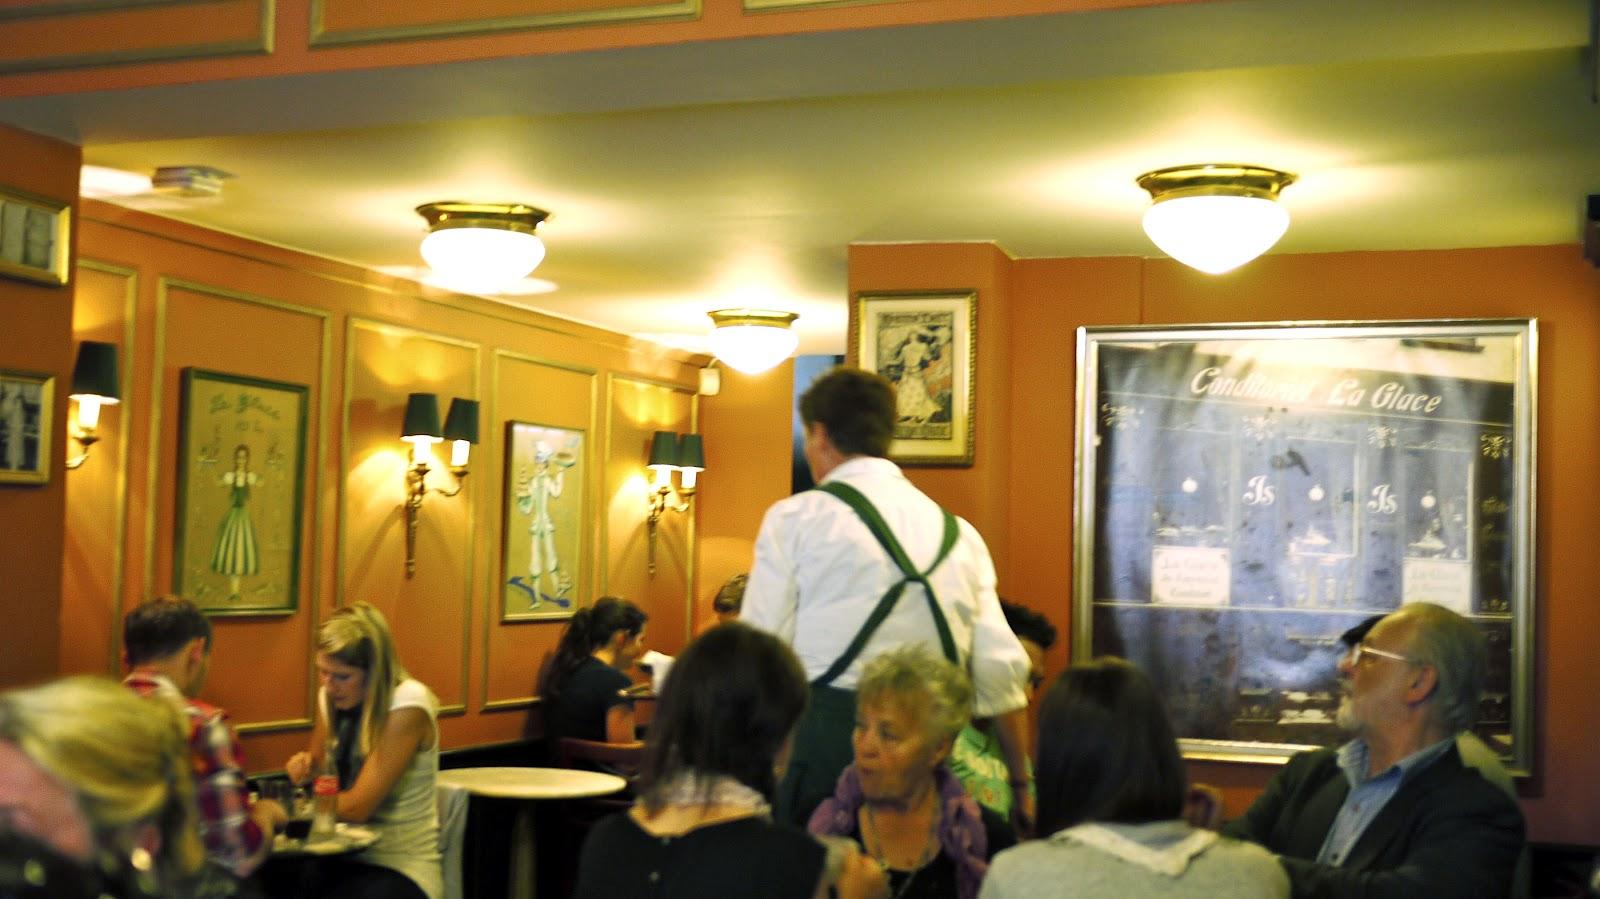 umami restaurant københavn